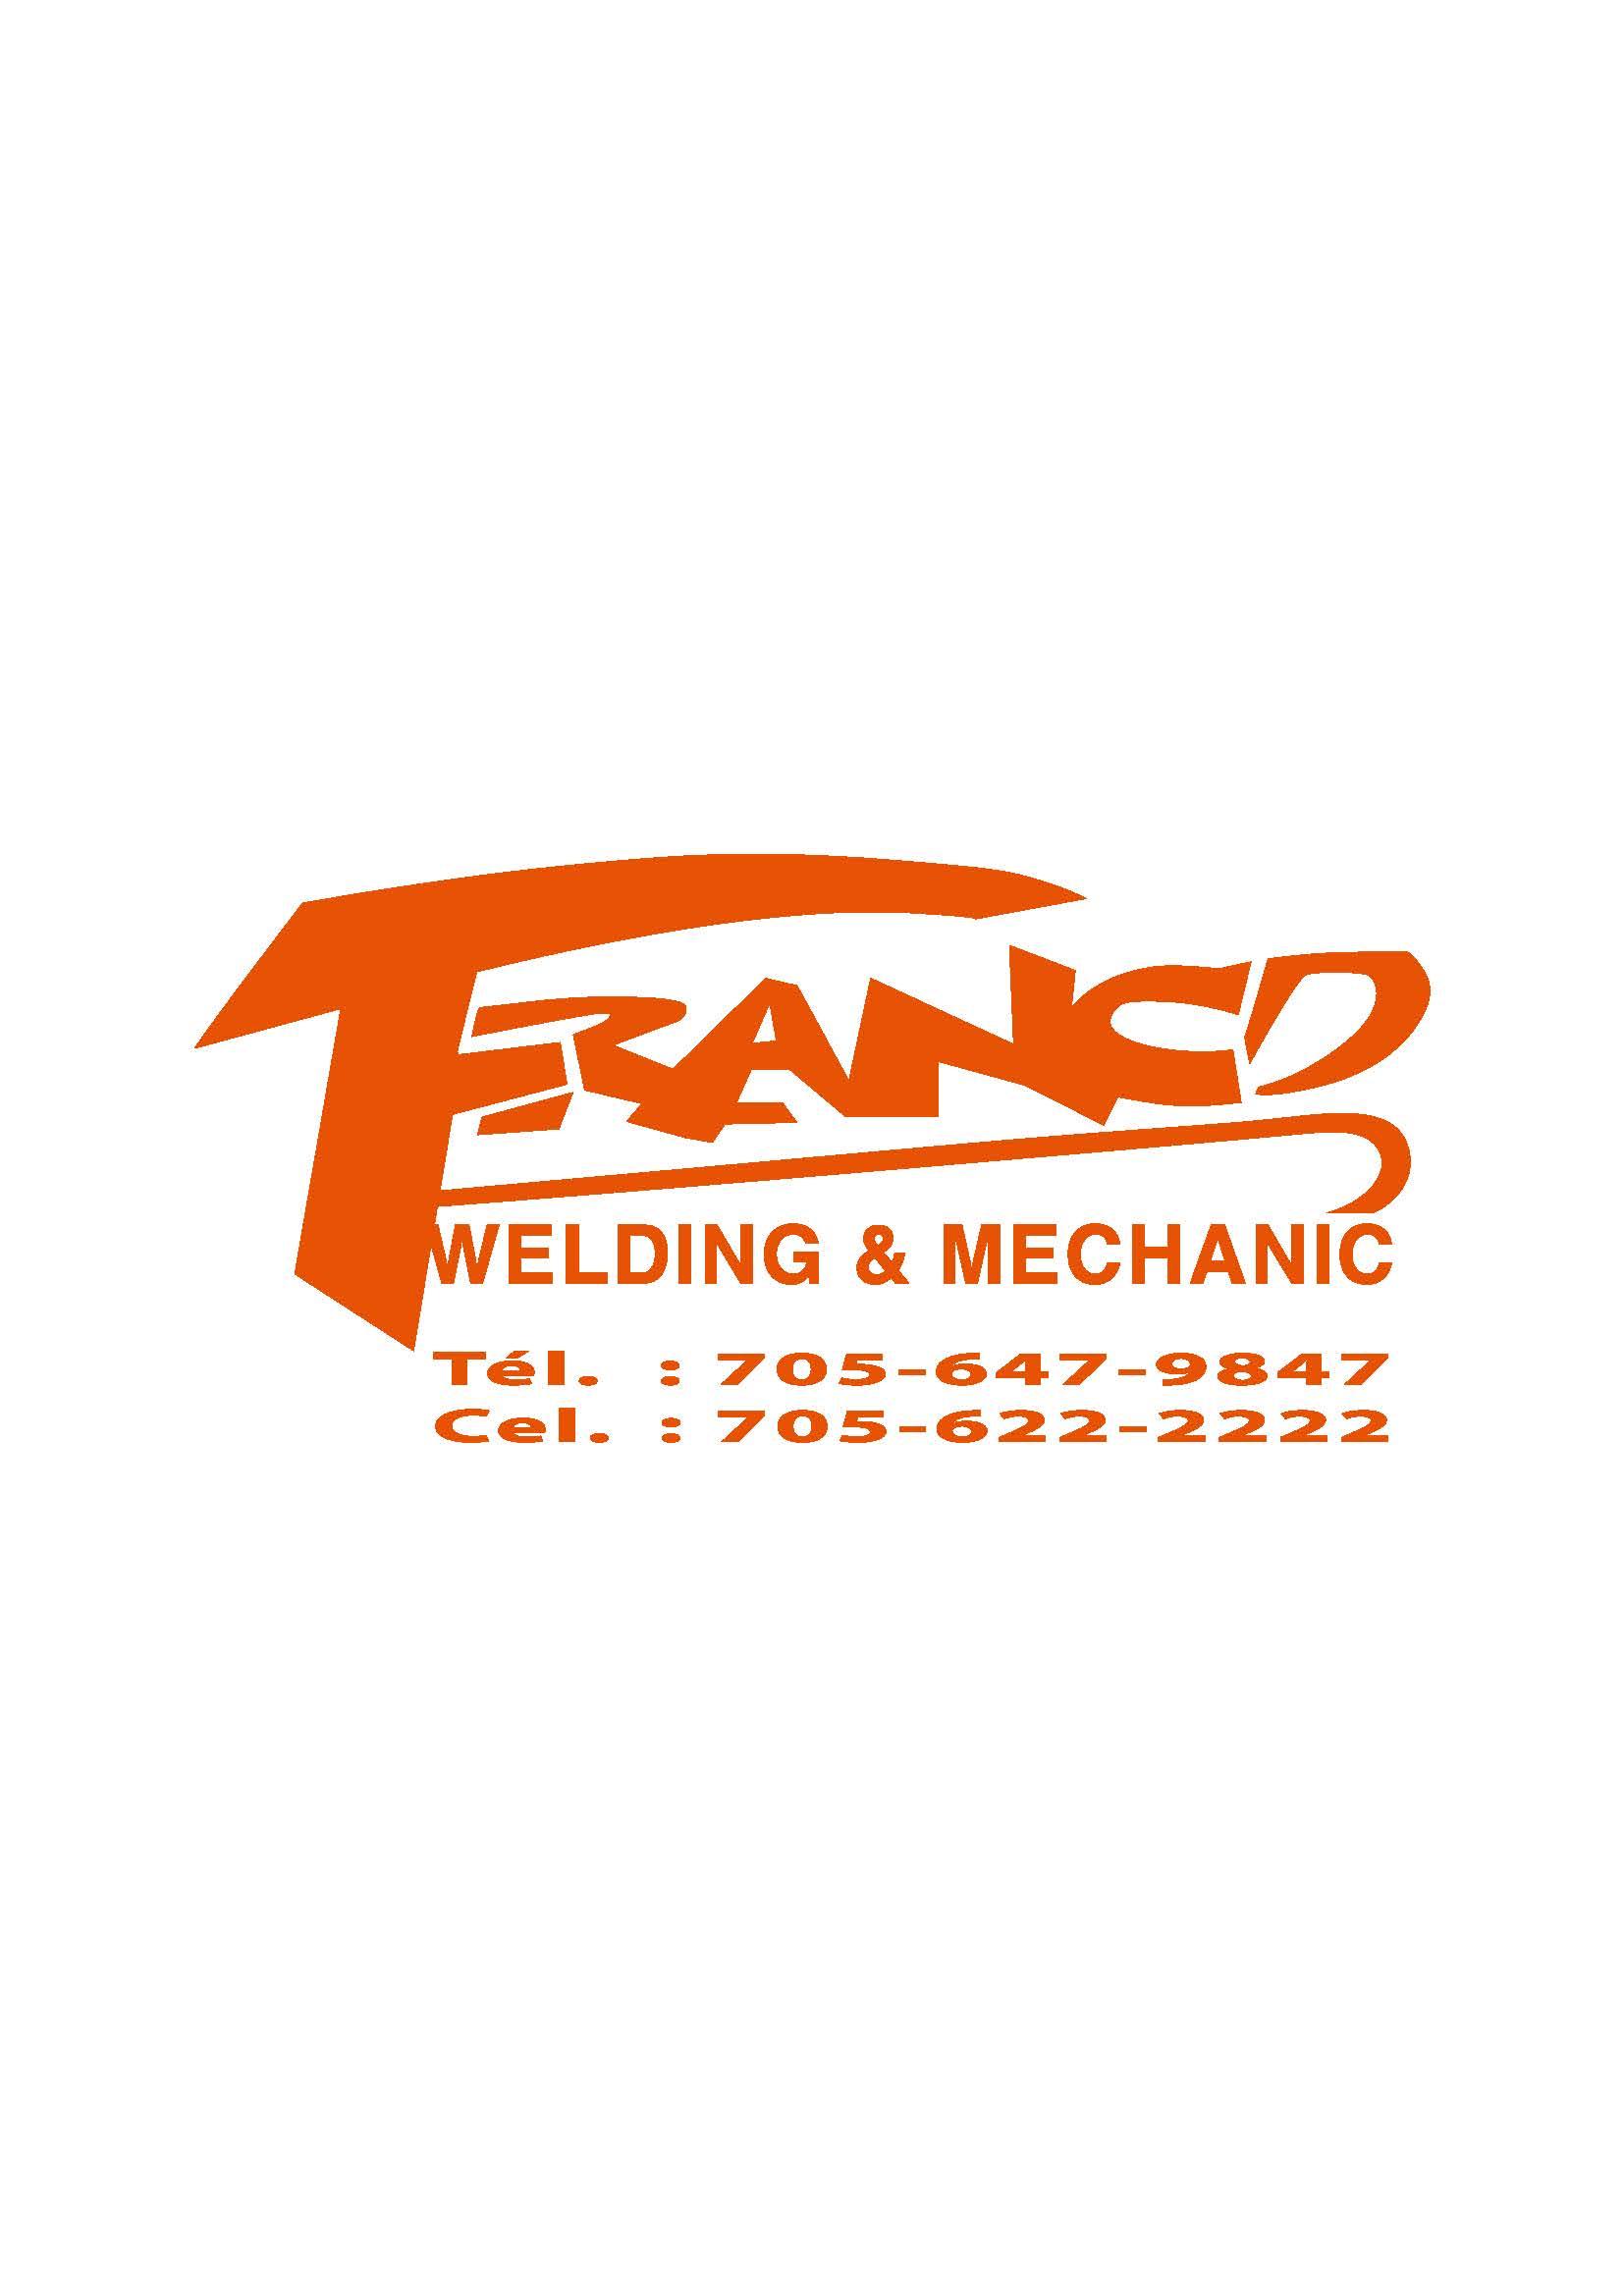 Franco Welding & Mechanic